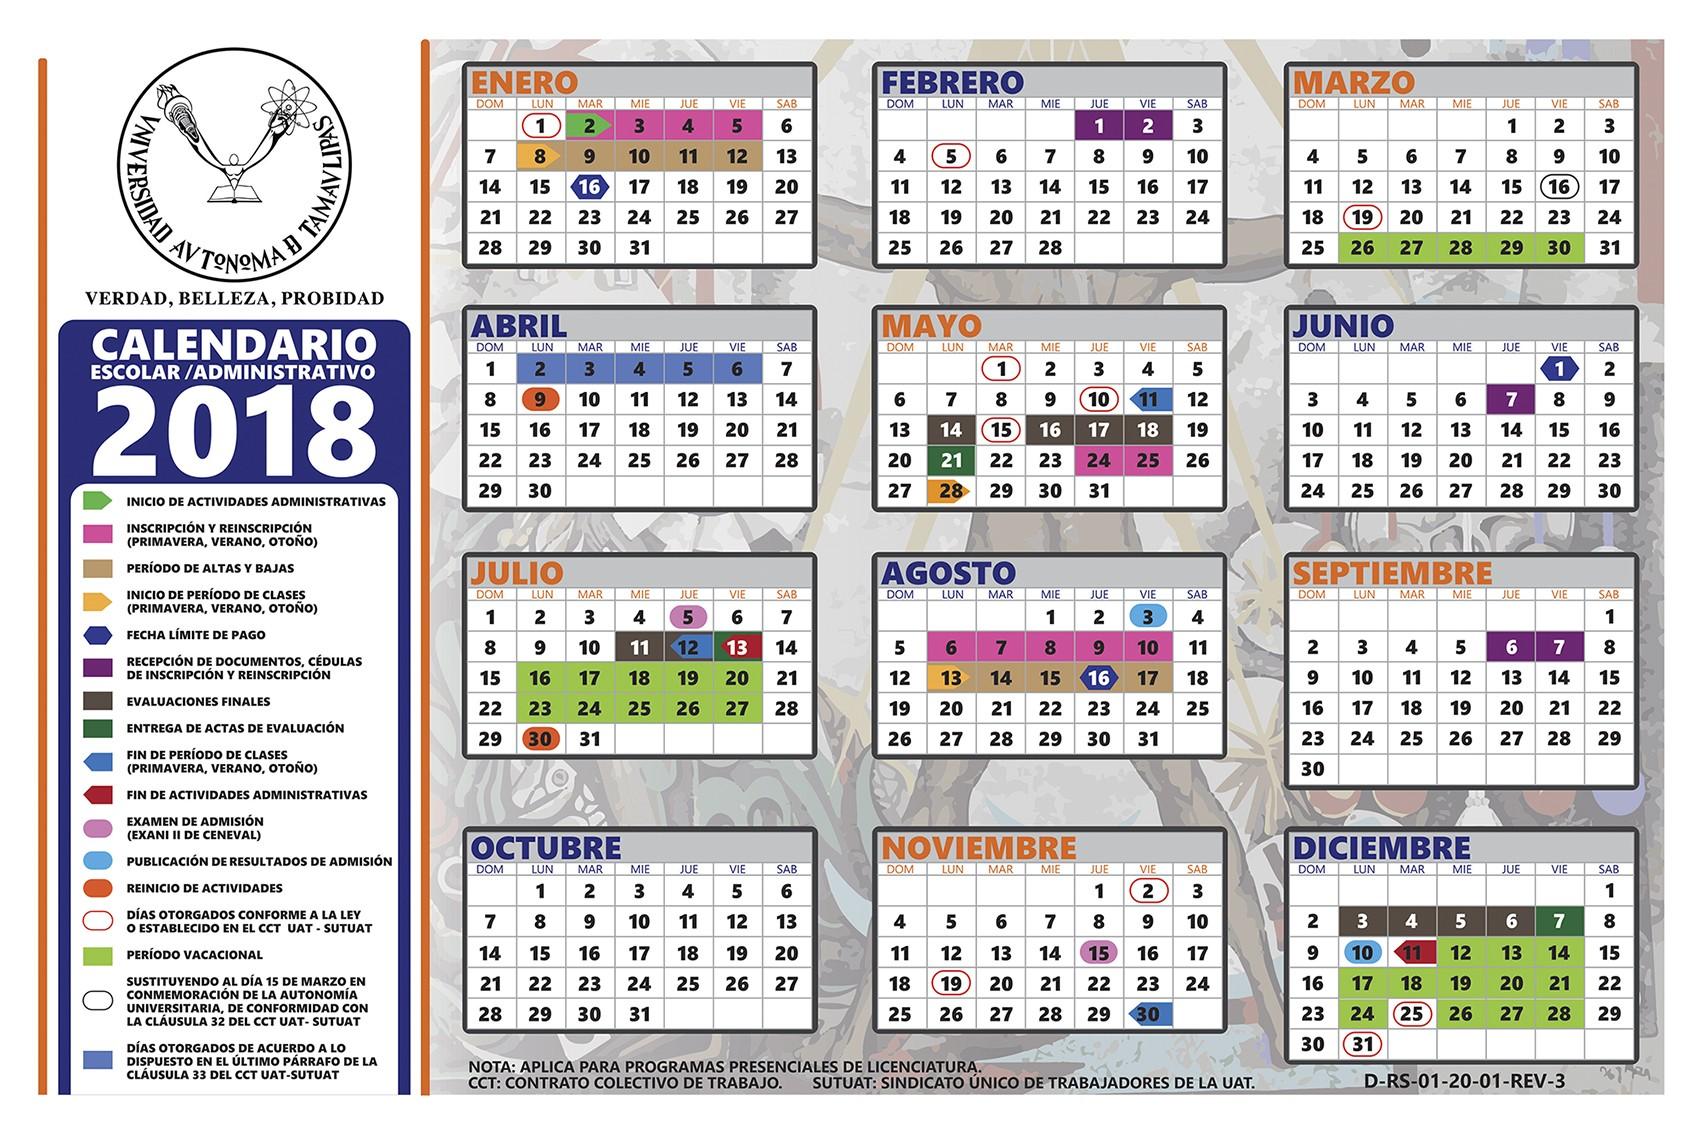 Calendario Septiembre 2019 Mexico Para Imprimir Actual Universidad Aut³noma De Tamaulipas Of Calendario Septiembre 2019 Mexico Para Imprimir Más Recientes Se Abren Las Postulaciones Para La Escuela De Sistemas Plejos